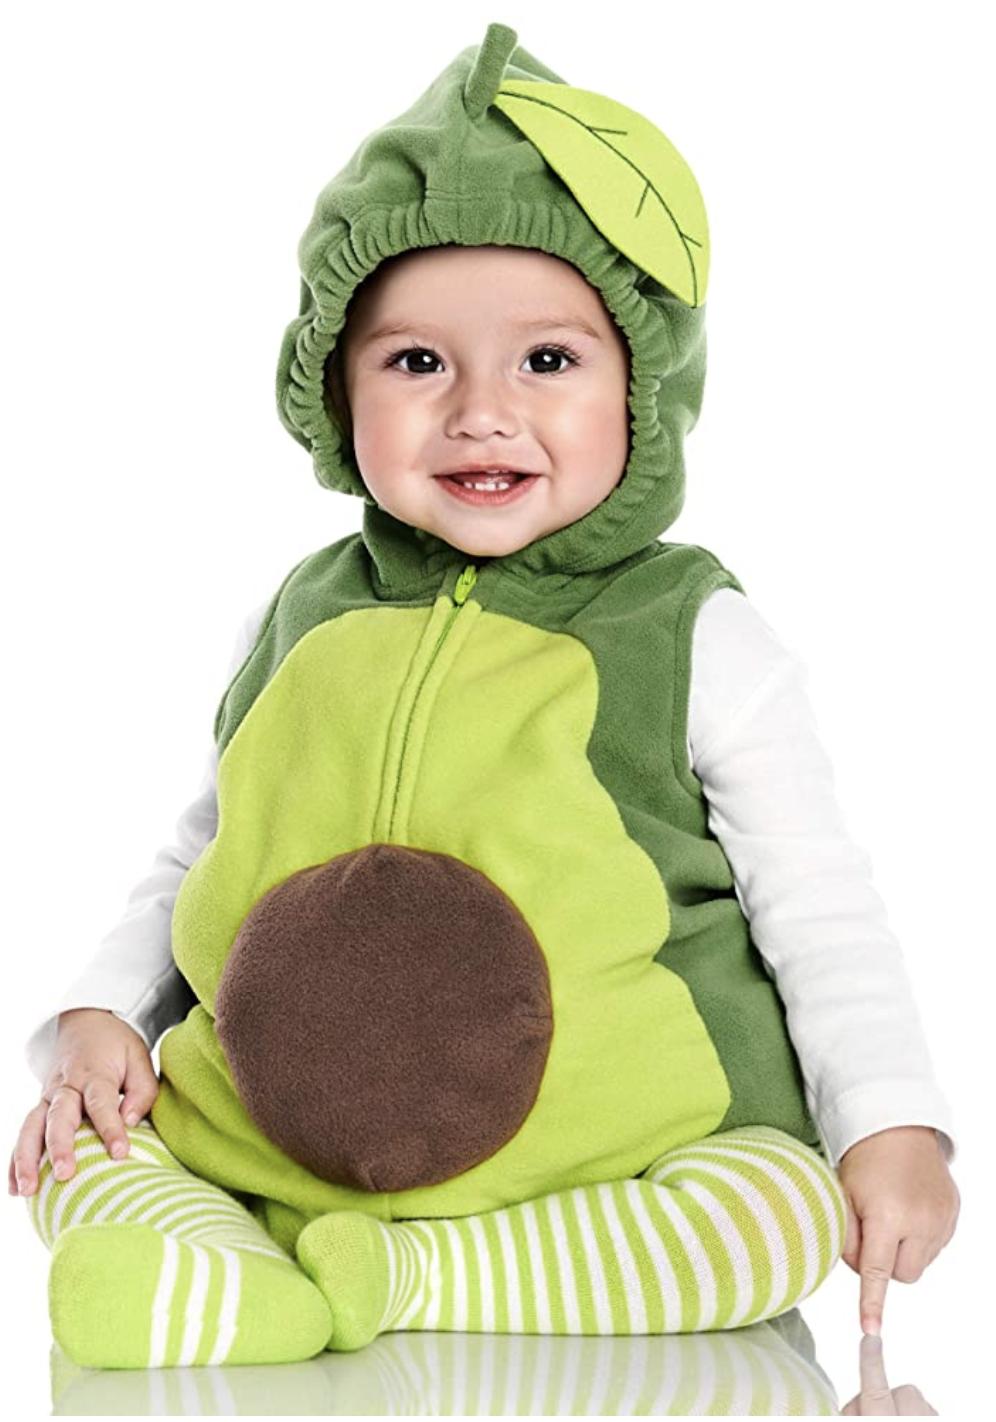 baby avocado costume